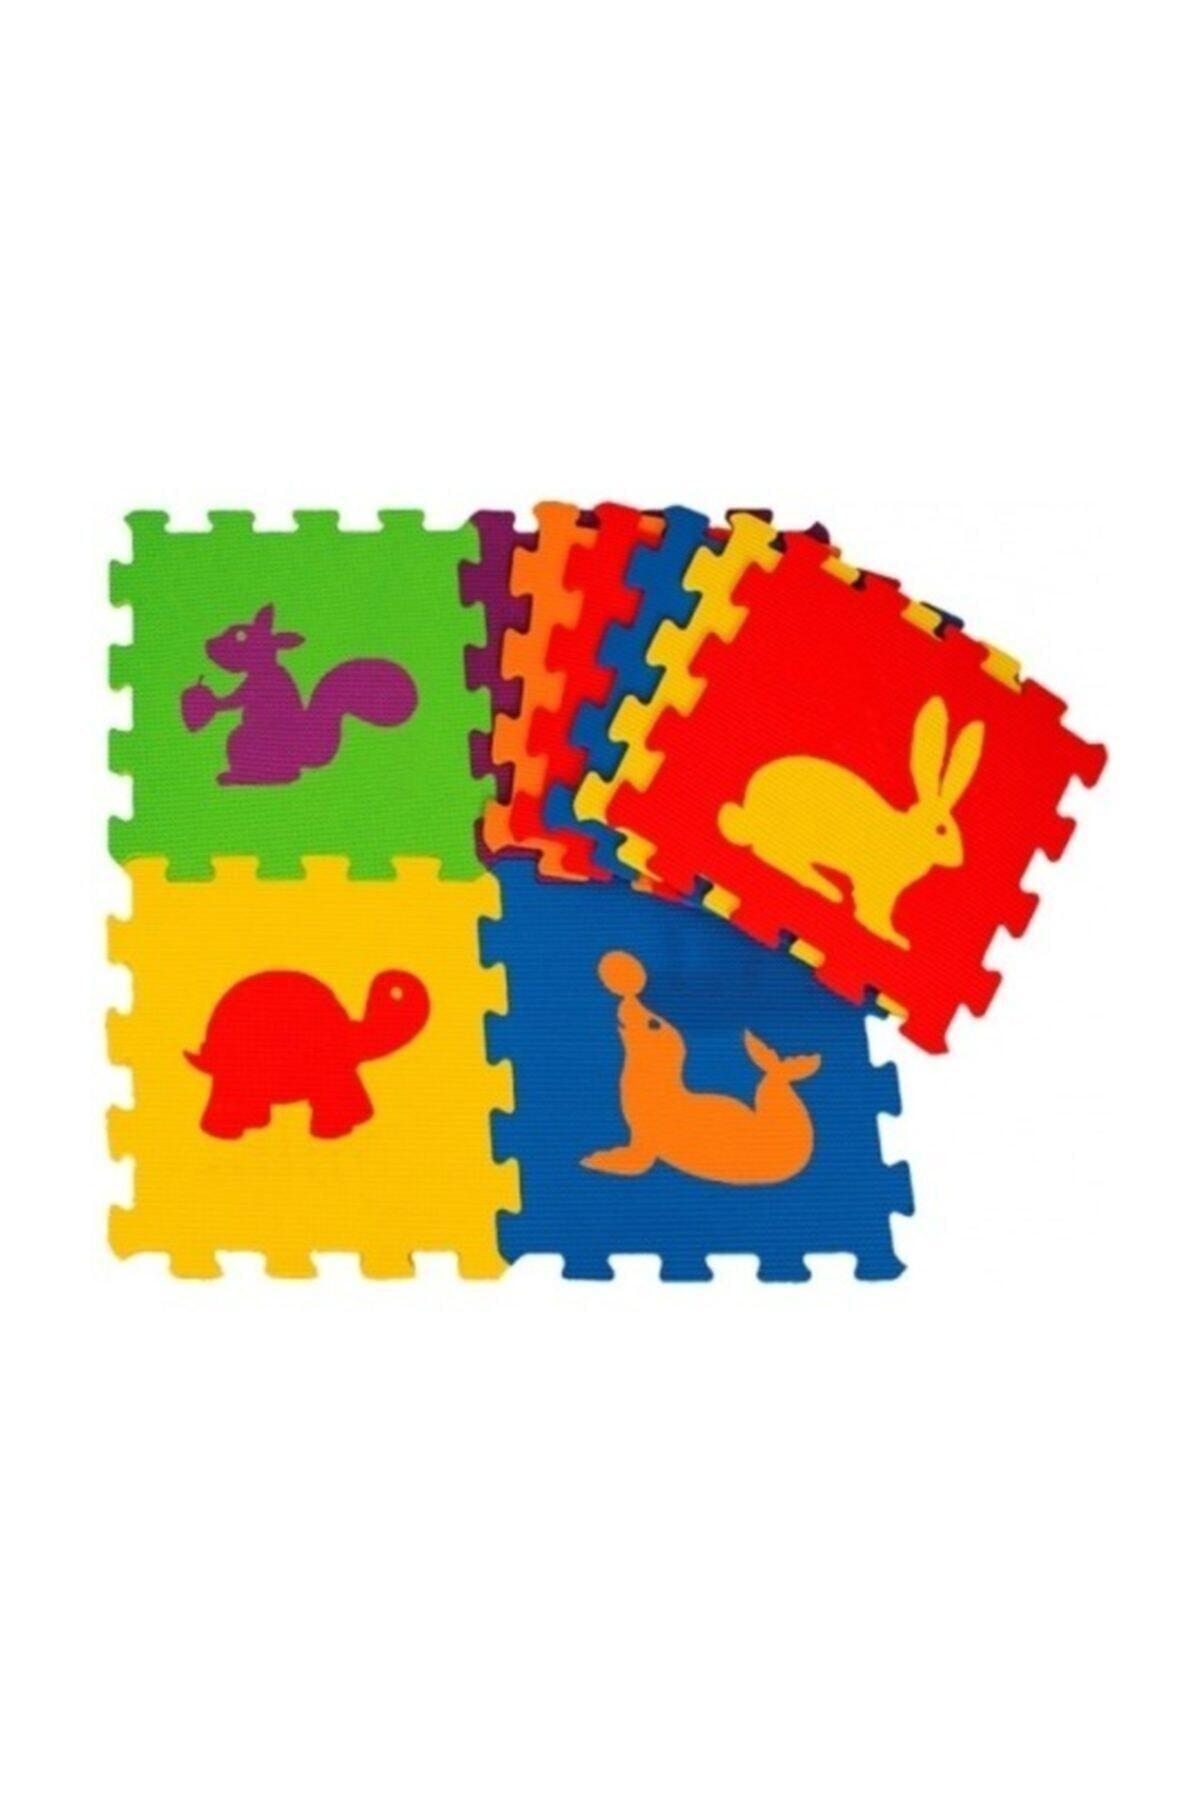 Детская игровая площадка, плитка из ЭВА напольный коврик пазл, детская игровая площадка с животными, детский игровой коврик из ЭВА для полза...